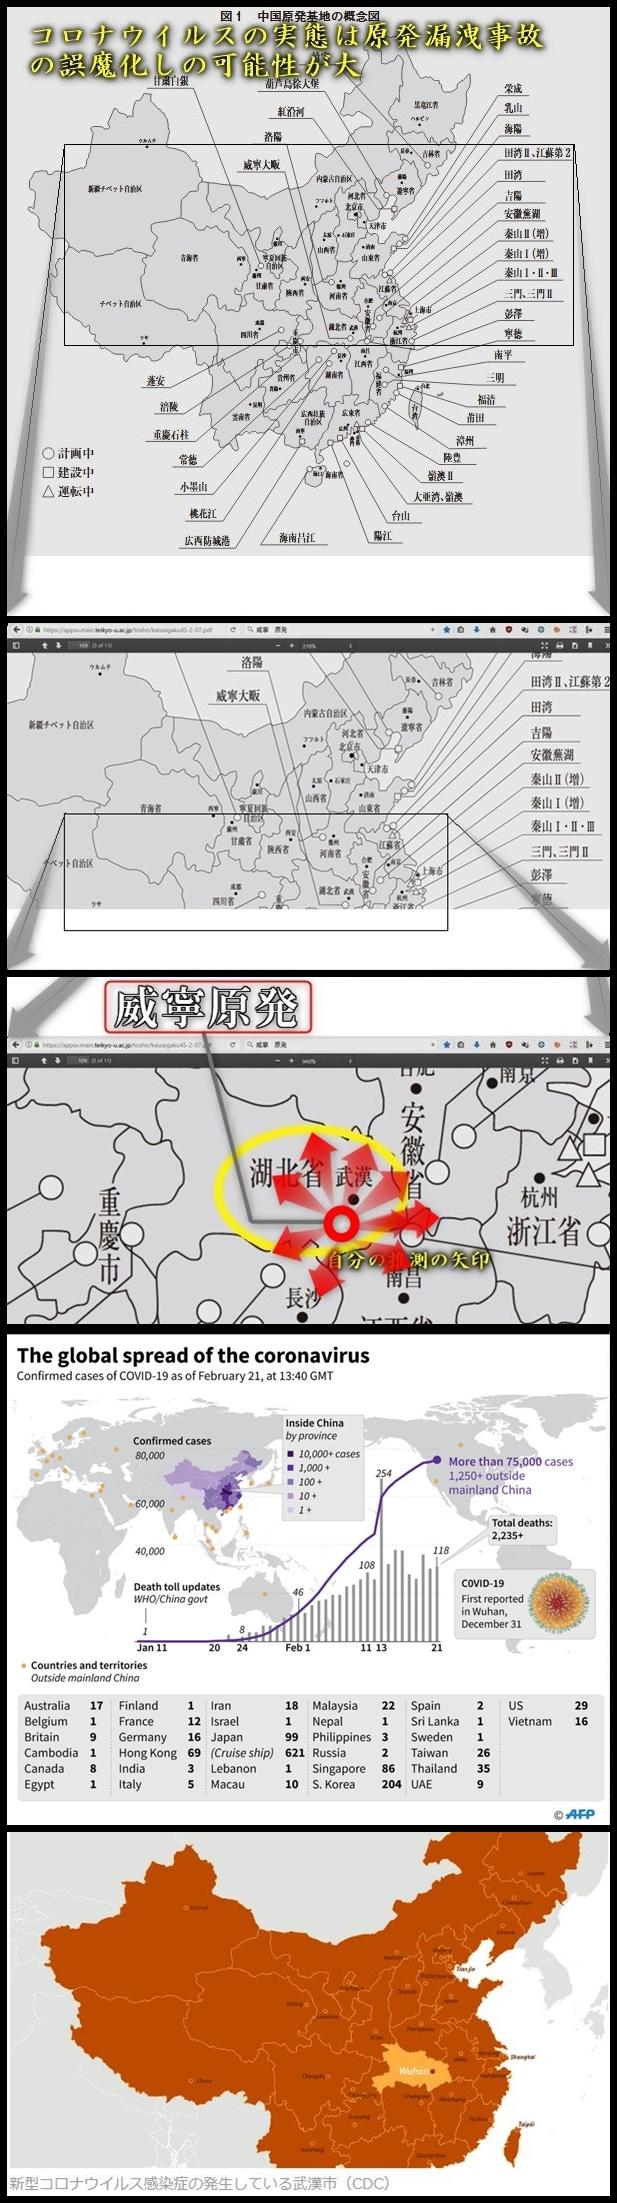 コロナウイルスの実態は原発事故の誤魔化しの可能性が大 ウイルス=放射線